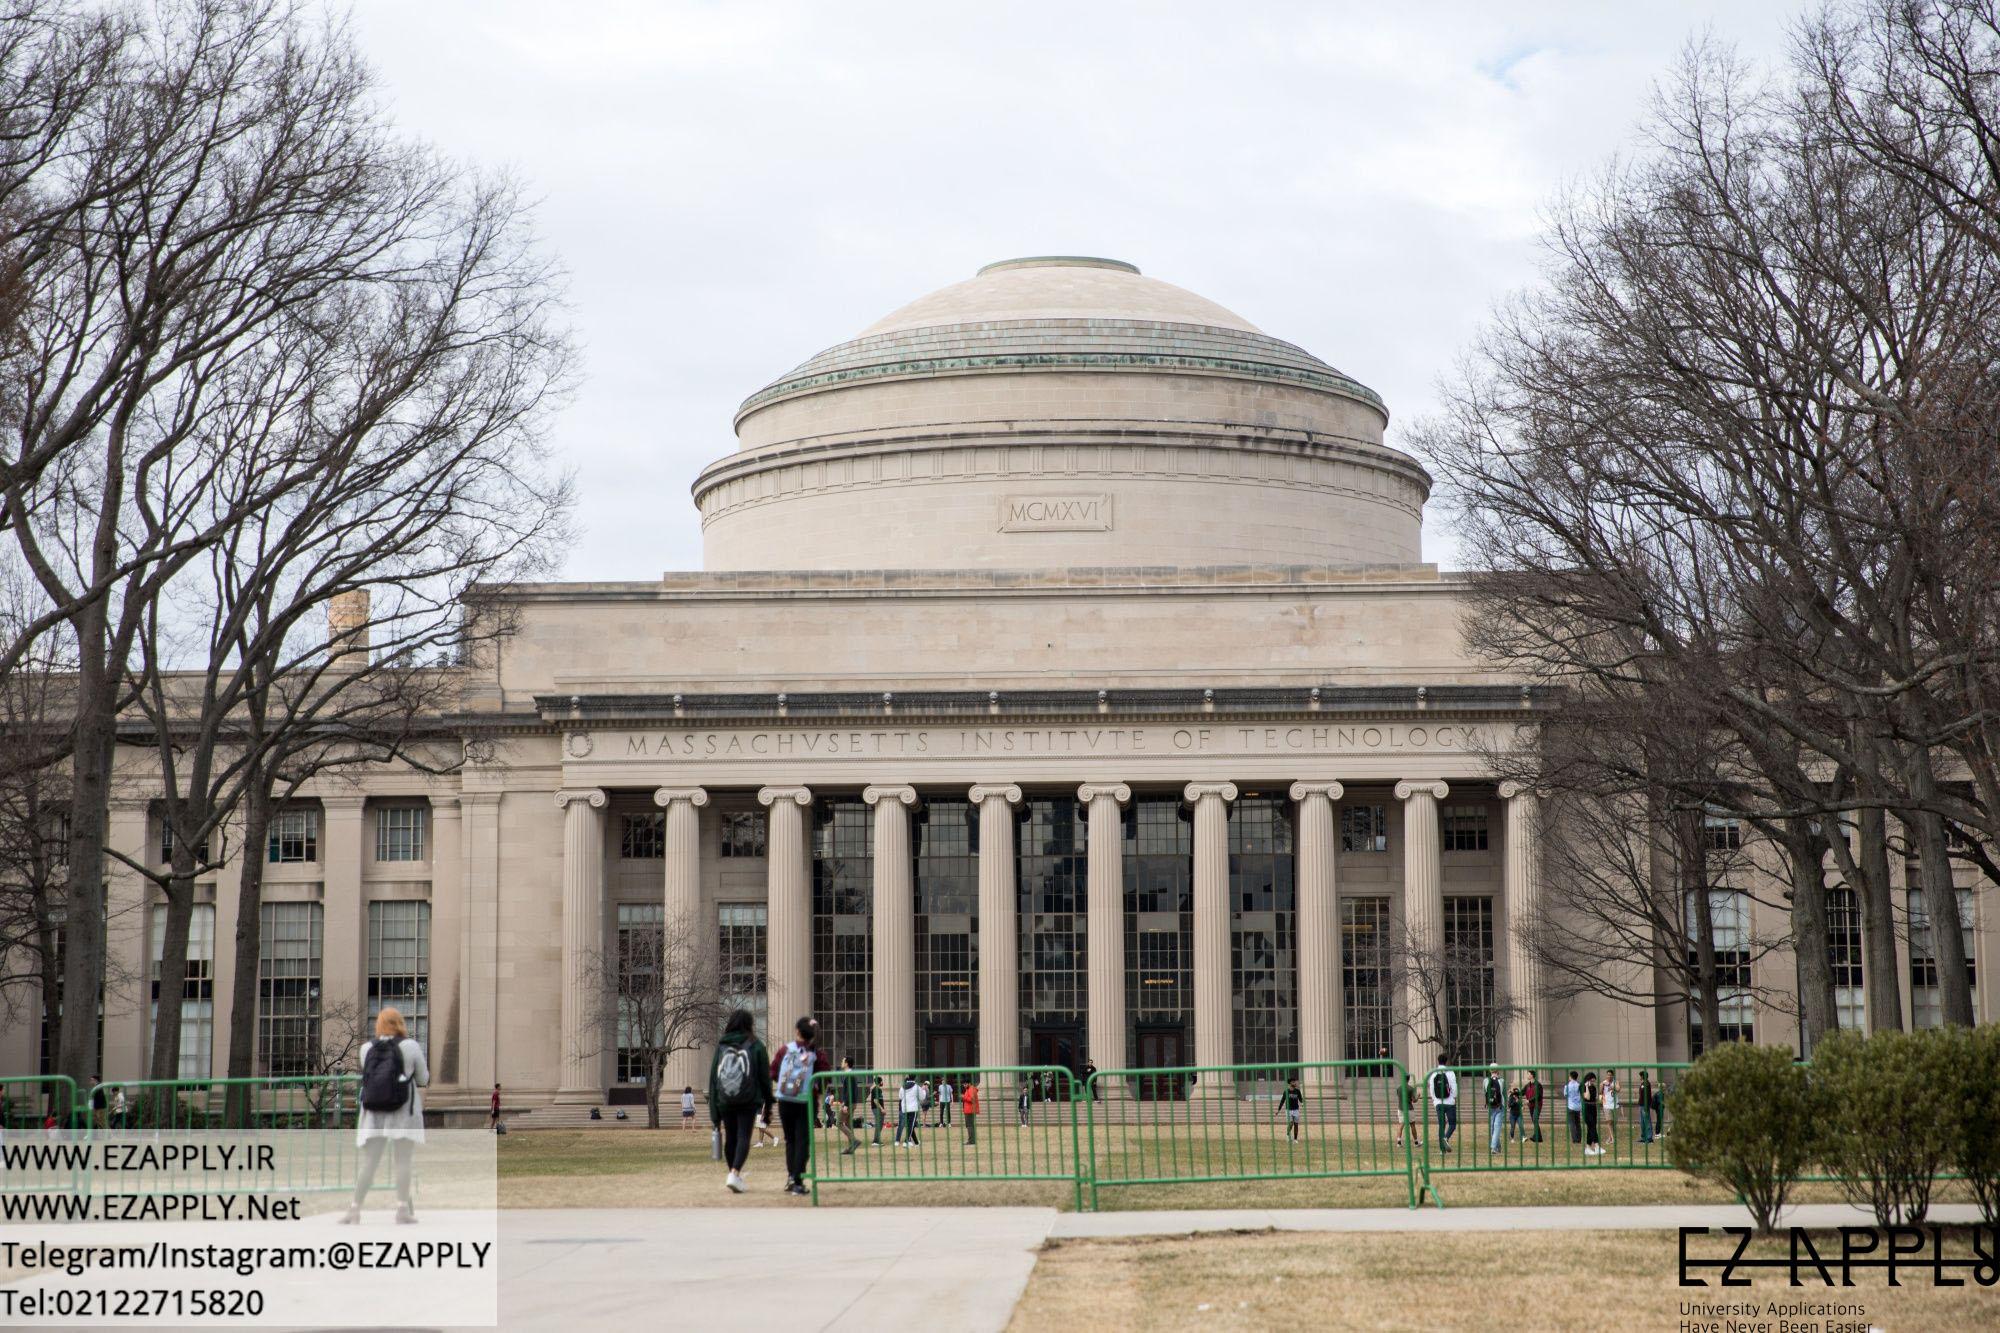 اخذ پذیرش فول فاند توسط تیم «ایزی اپلای» در مقاطع ارشد و دکتری در رشته «مهندسی مکانیک» در بهترین دانشگاه های آمریکا